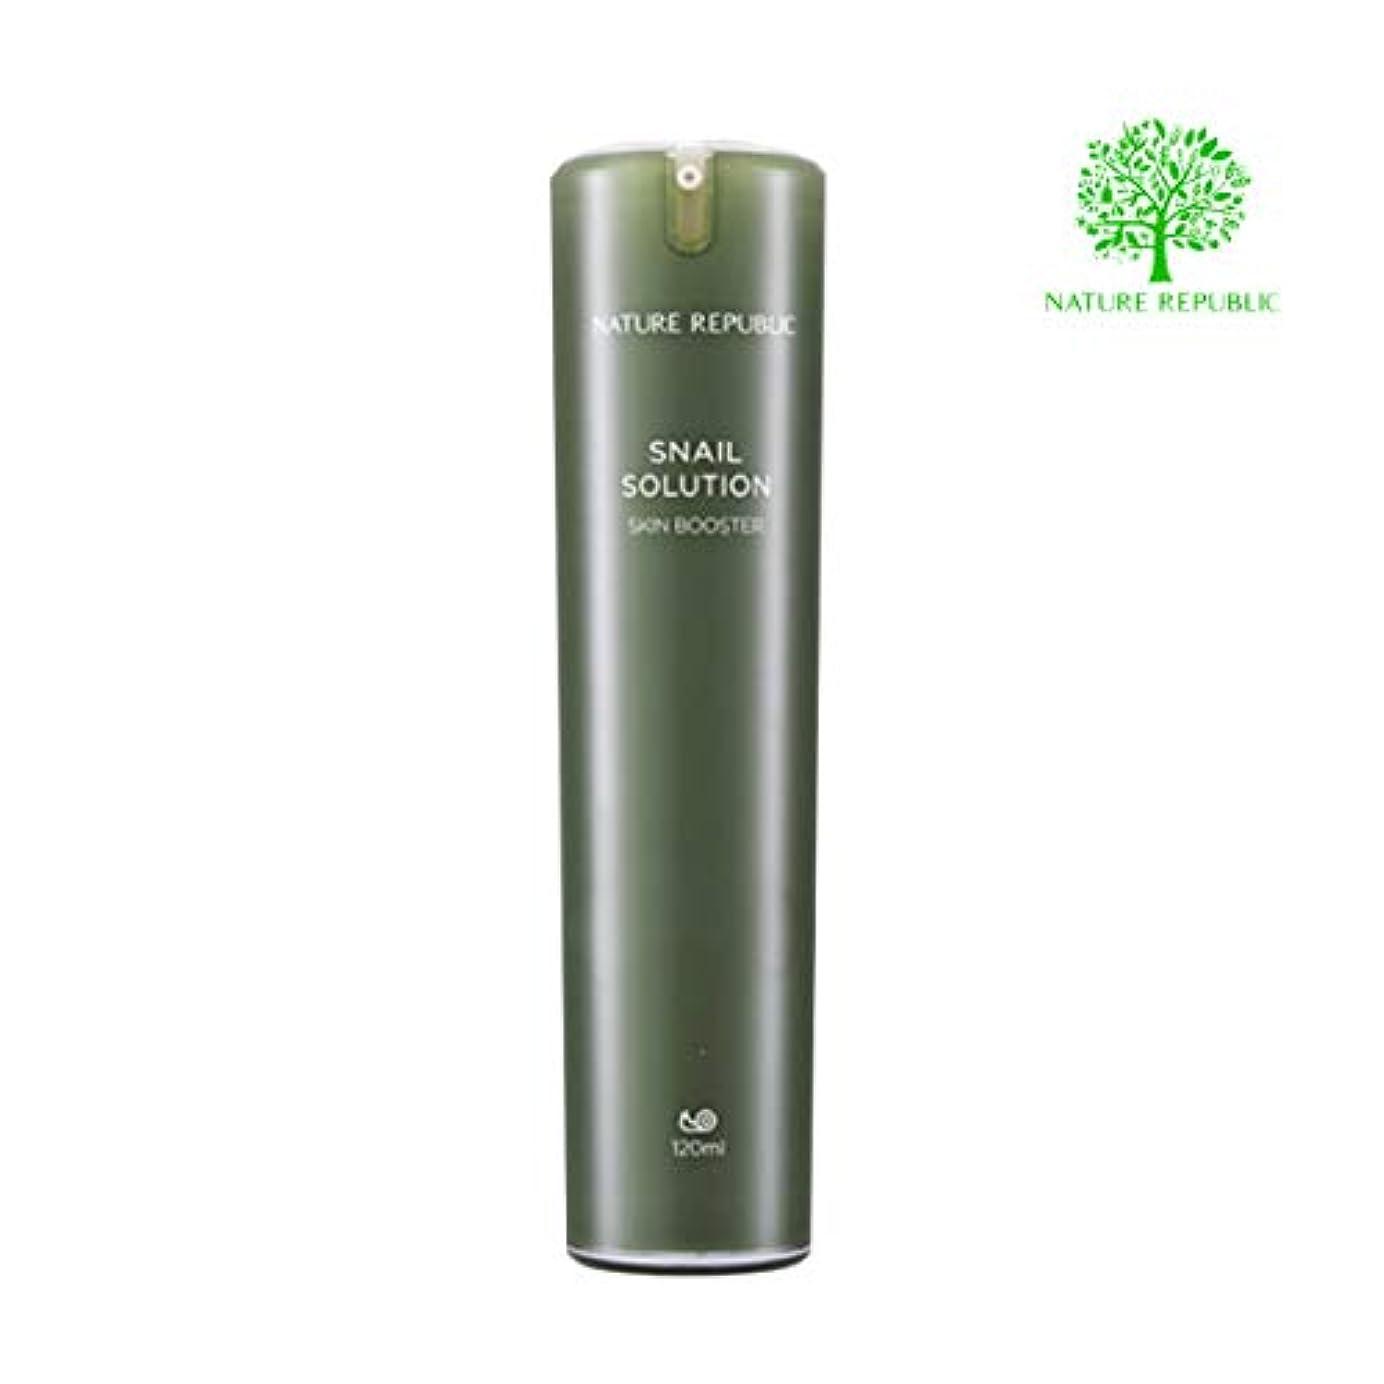 ゆでるユーモラス木製正規輸入品 NATURE REPUBLIC(ネイチャーリパブリック) S SOL スキン b 化粧水 120ml NK0227